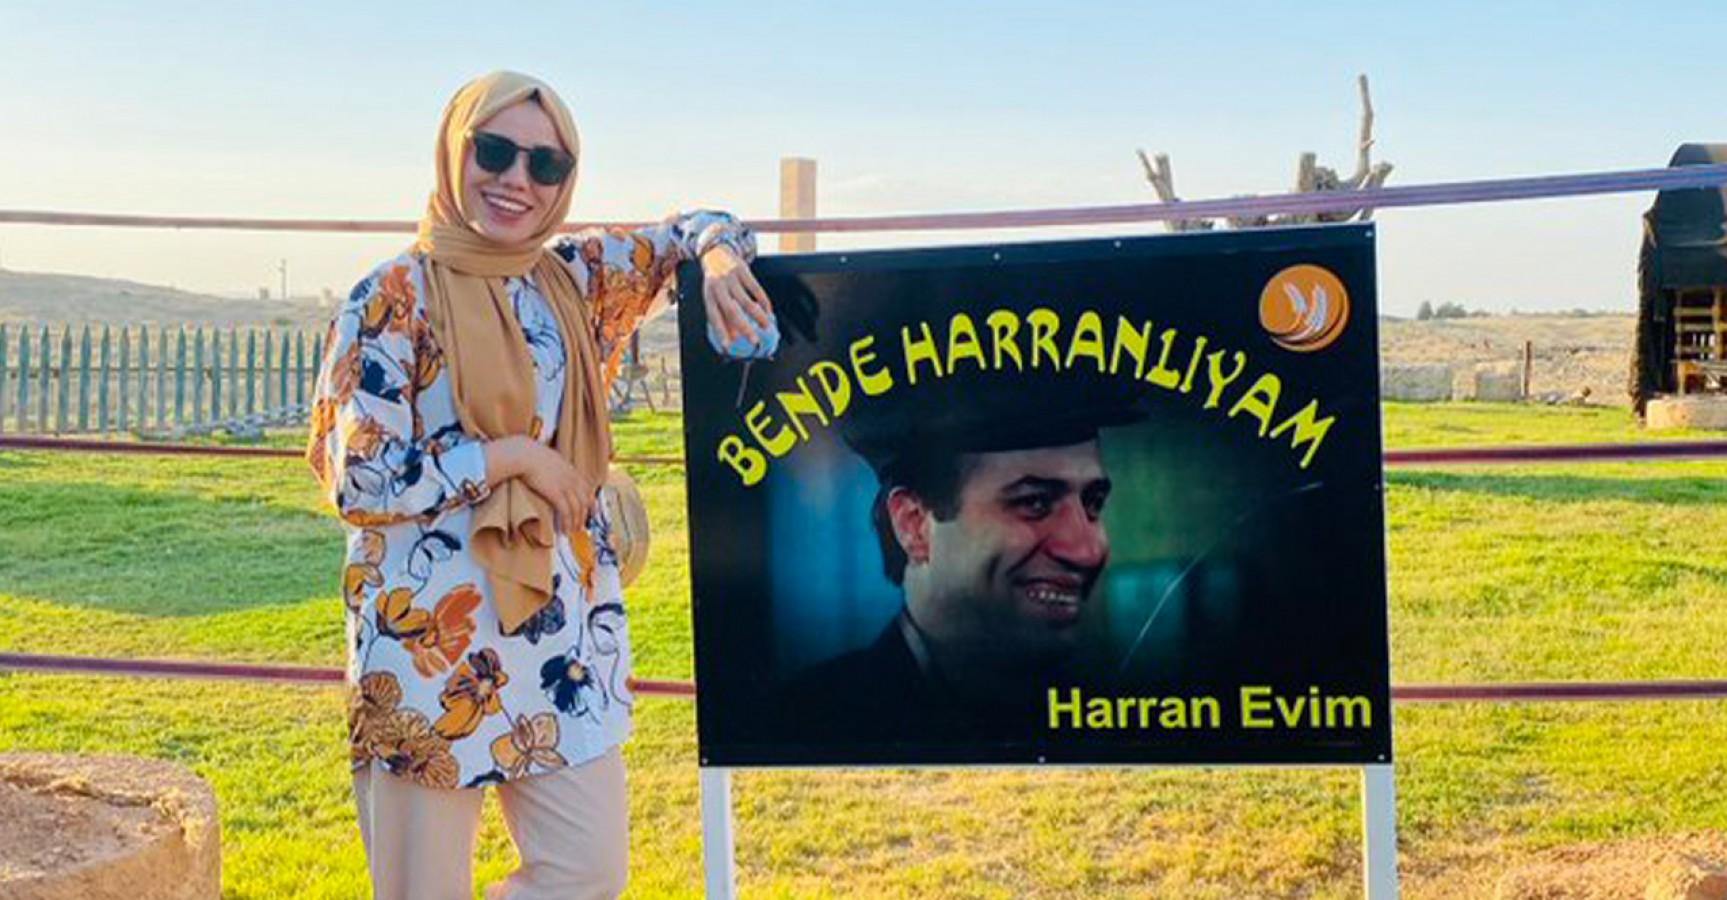 Harran'daki fotoğraf ilgi görüyor